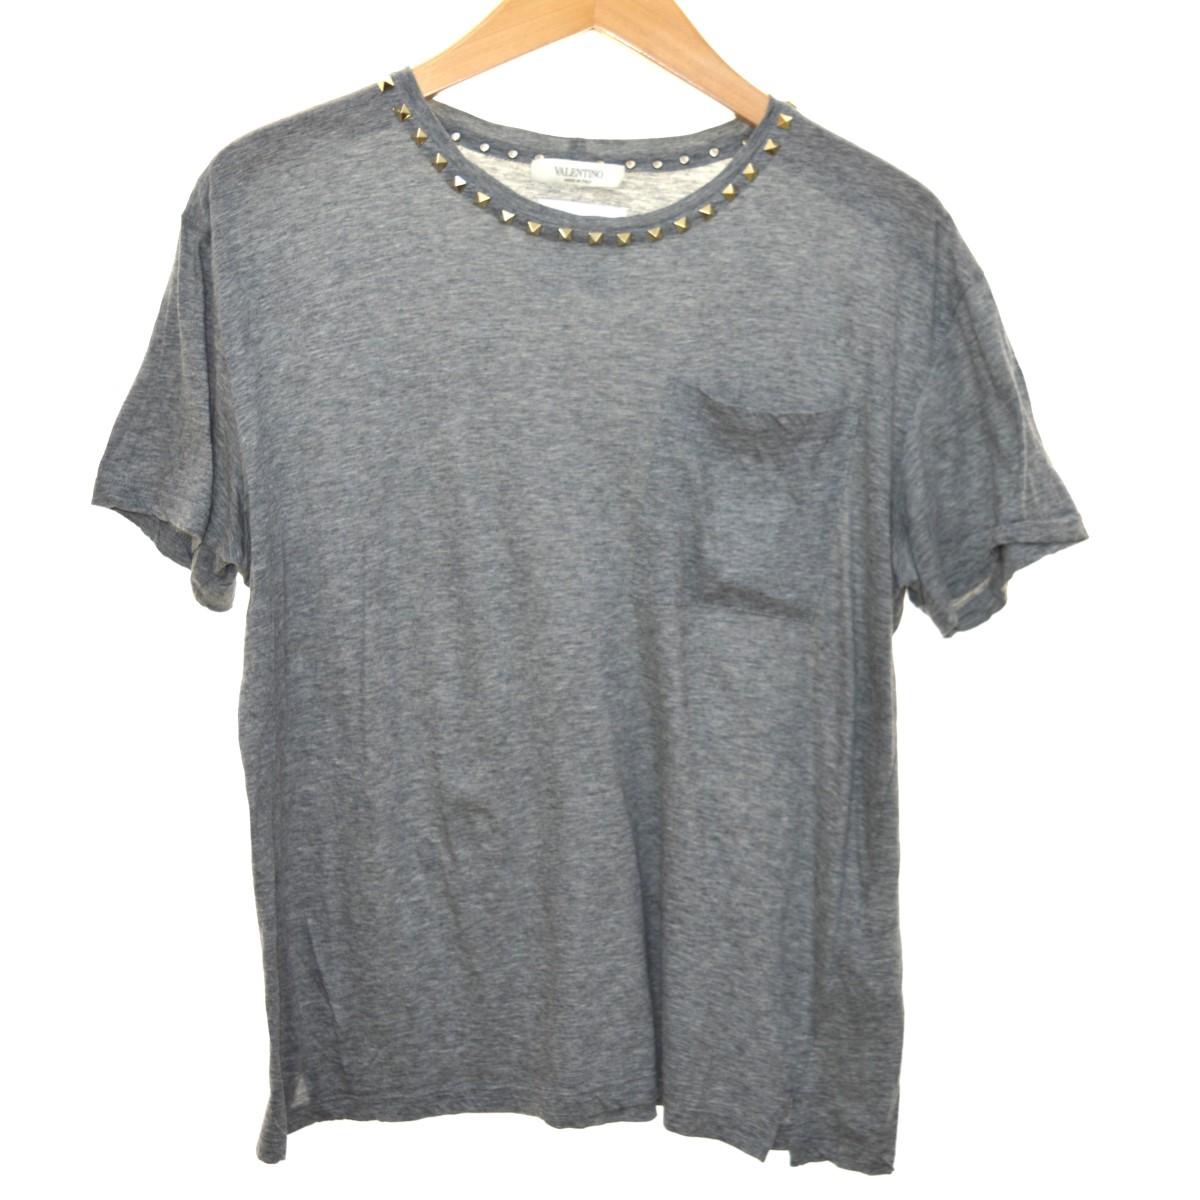 【中古】VALENTINO ロックスタッズTシャツ グレー サイズ:S 【070420】(ヴァレンチノ)